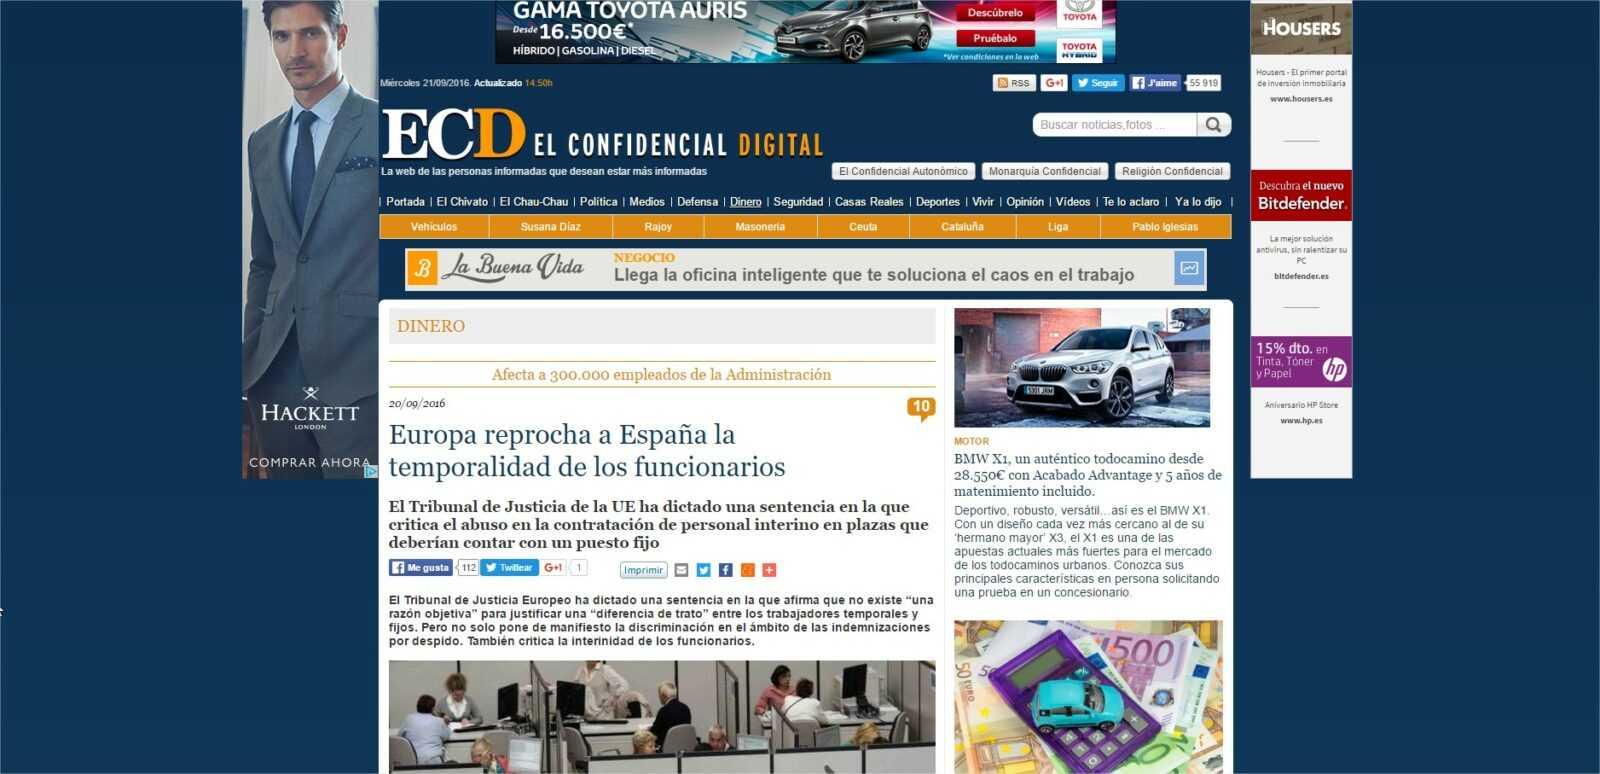 europa-reprocha-a-espana-la-temporalidad-de-los-funcionarios-google-chrome